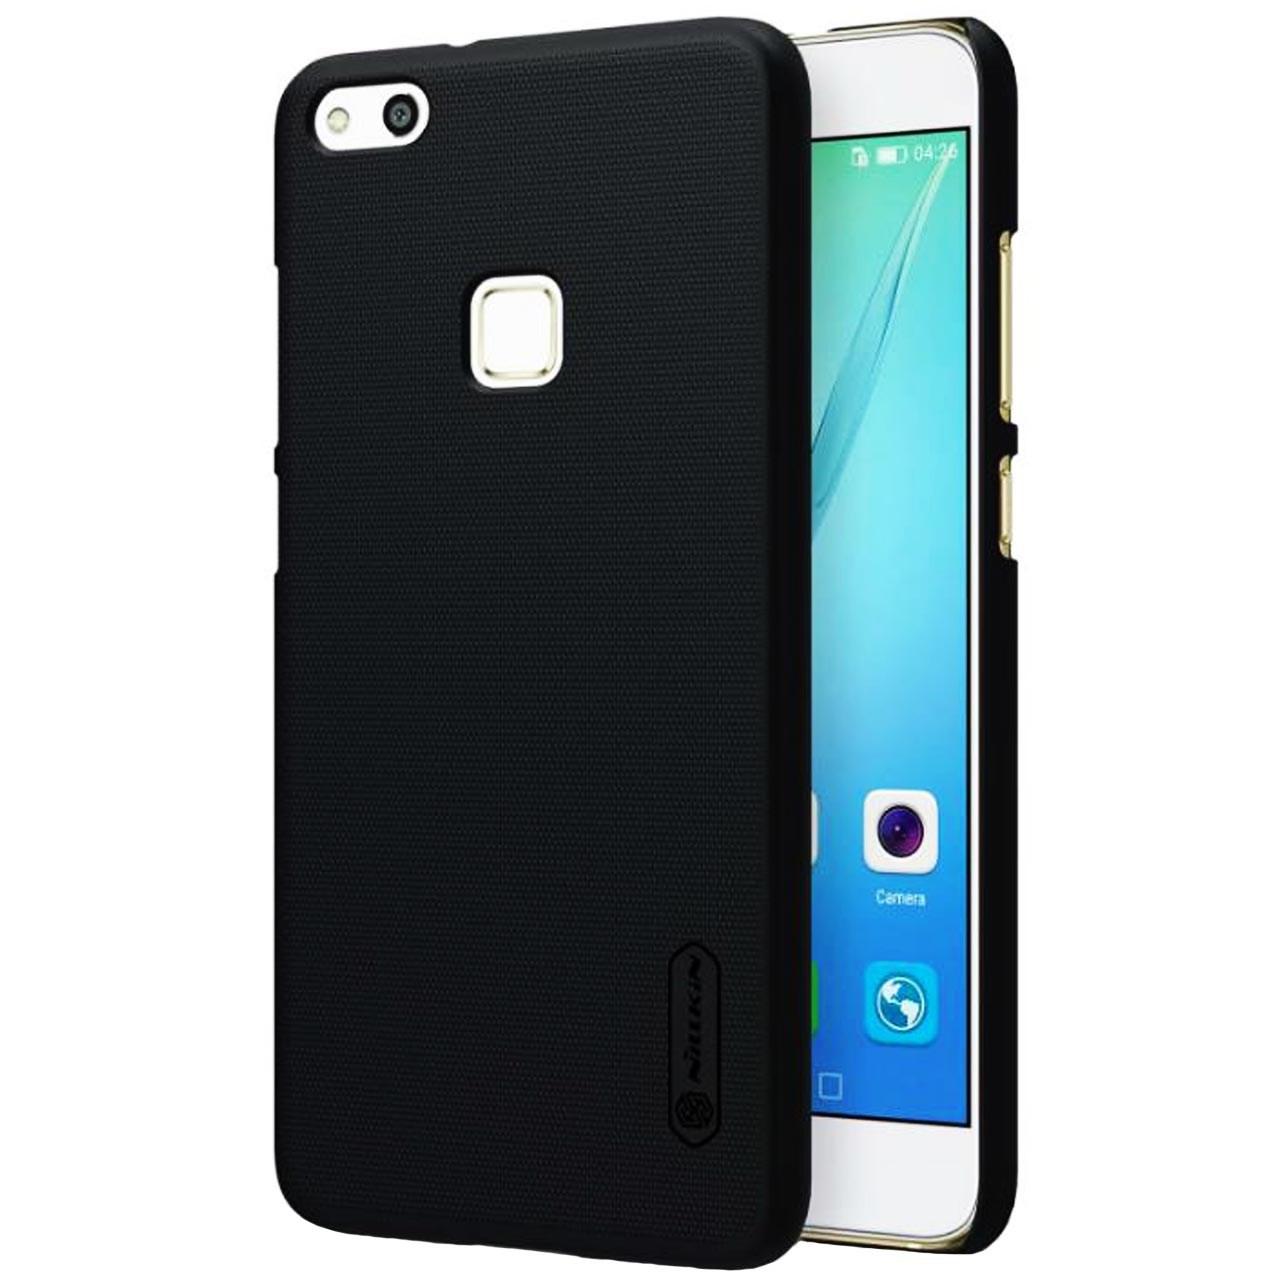 کاور نیلکین مدل Super Frosted Shield مناسب برای گوشی موبایل Huawei P10 Lite